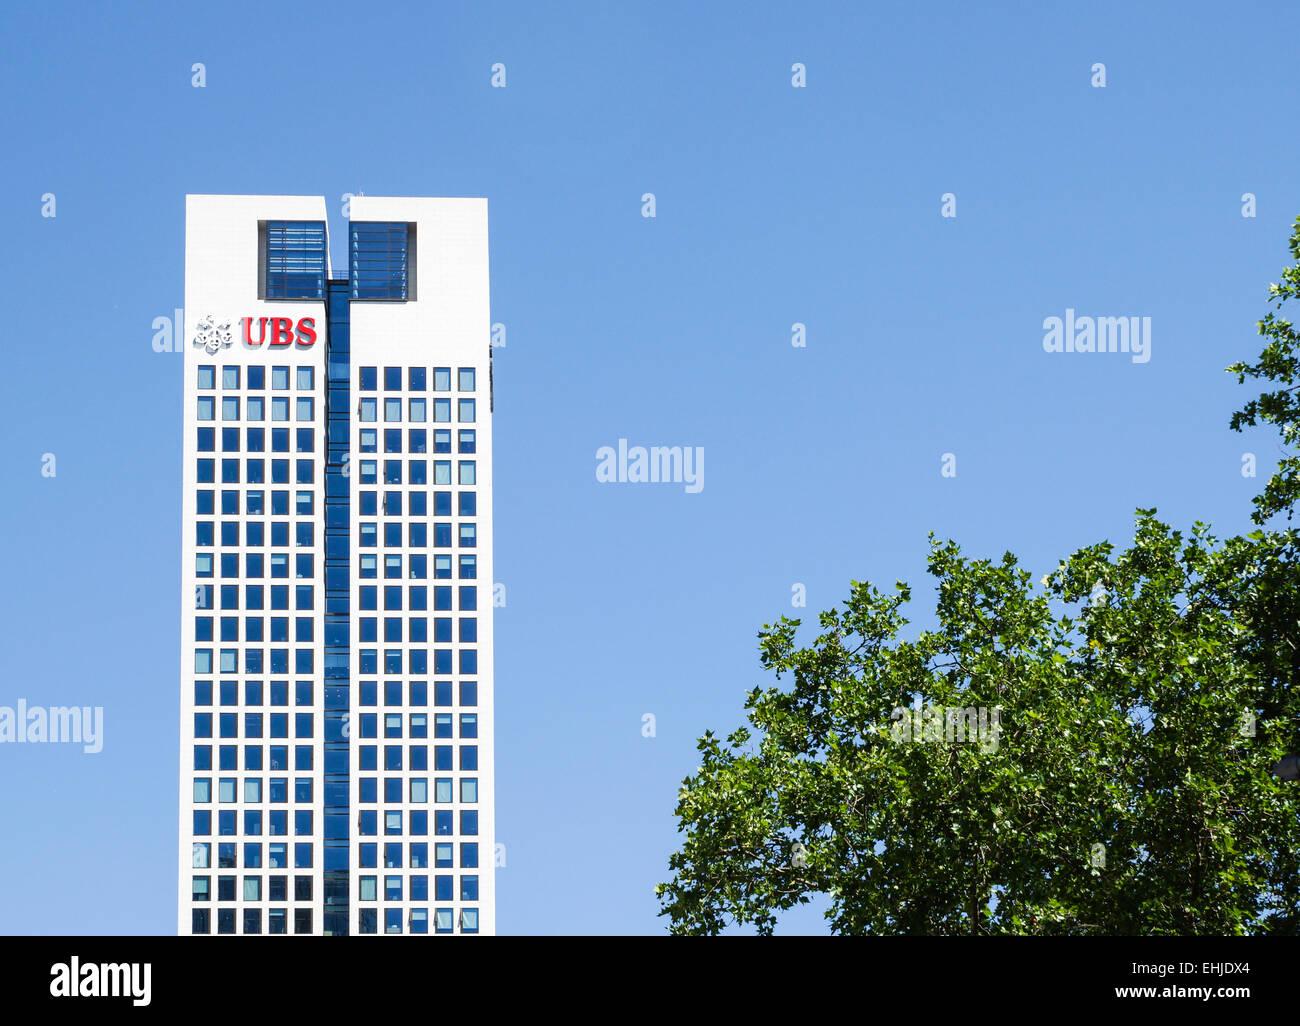 UBS-Bank - Stock Image